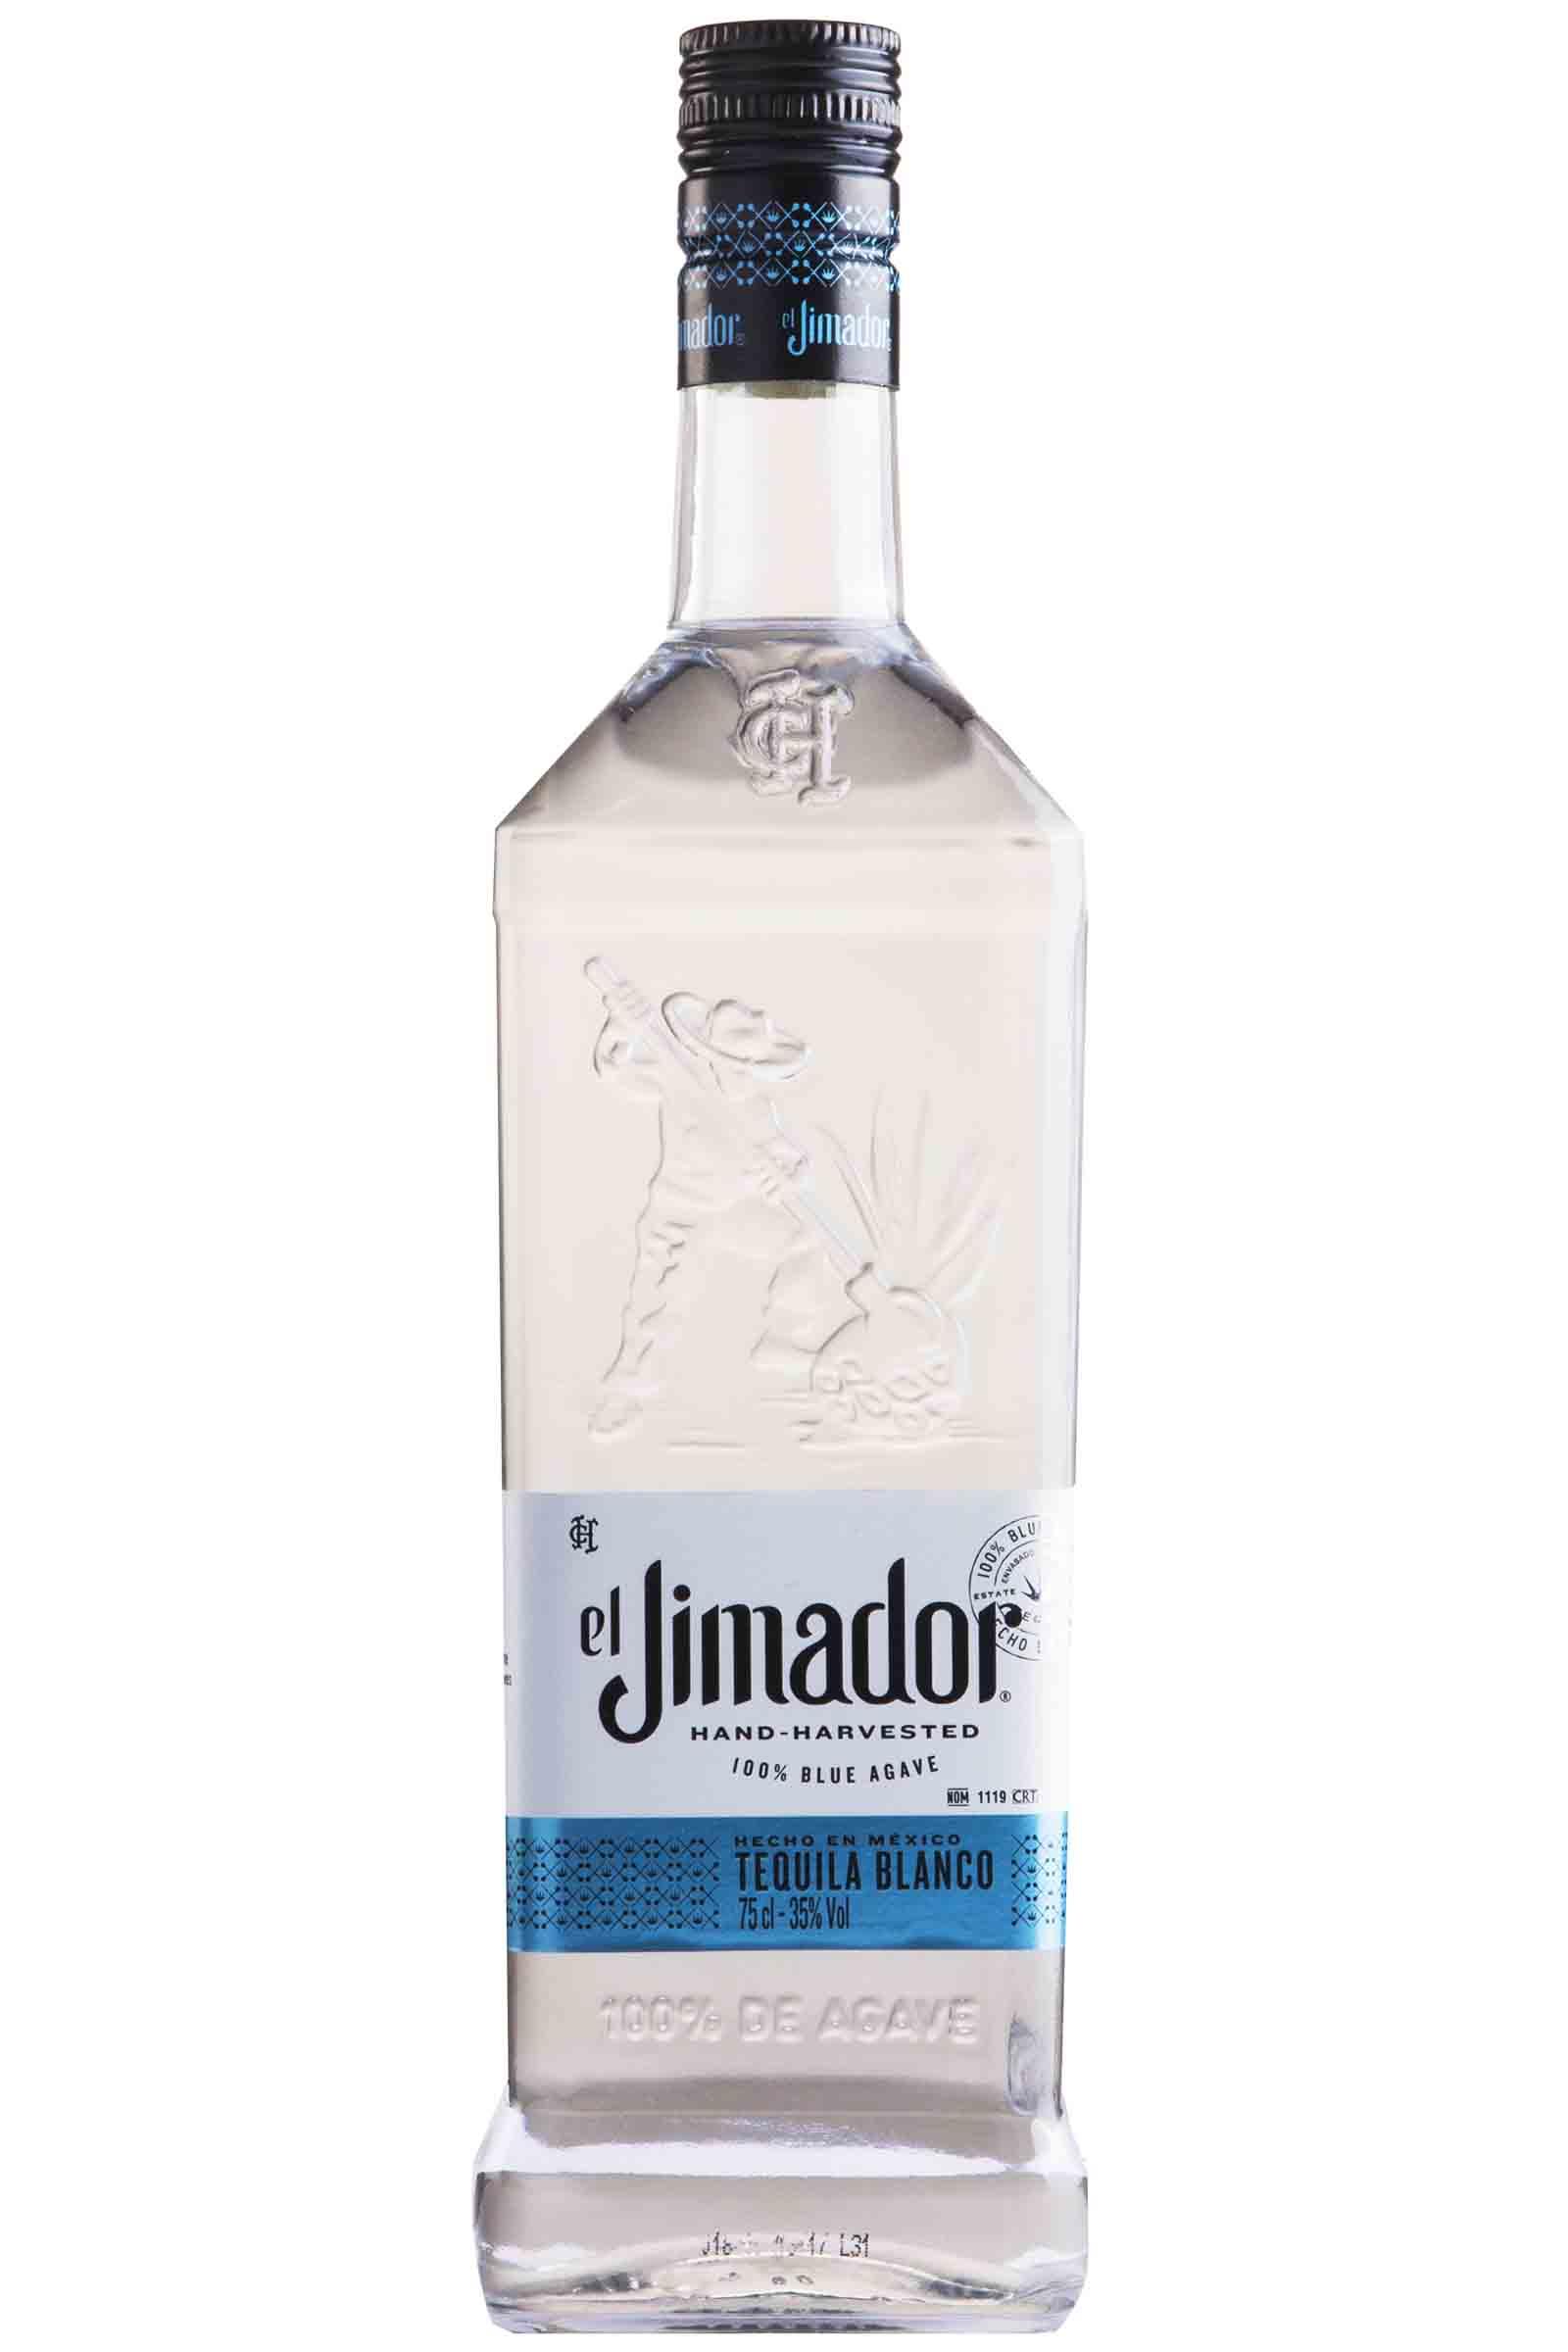 Tequila El Jimador Blanco 100% Agave 750ml